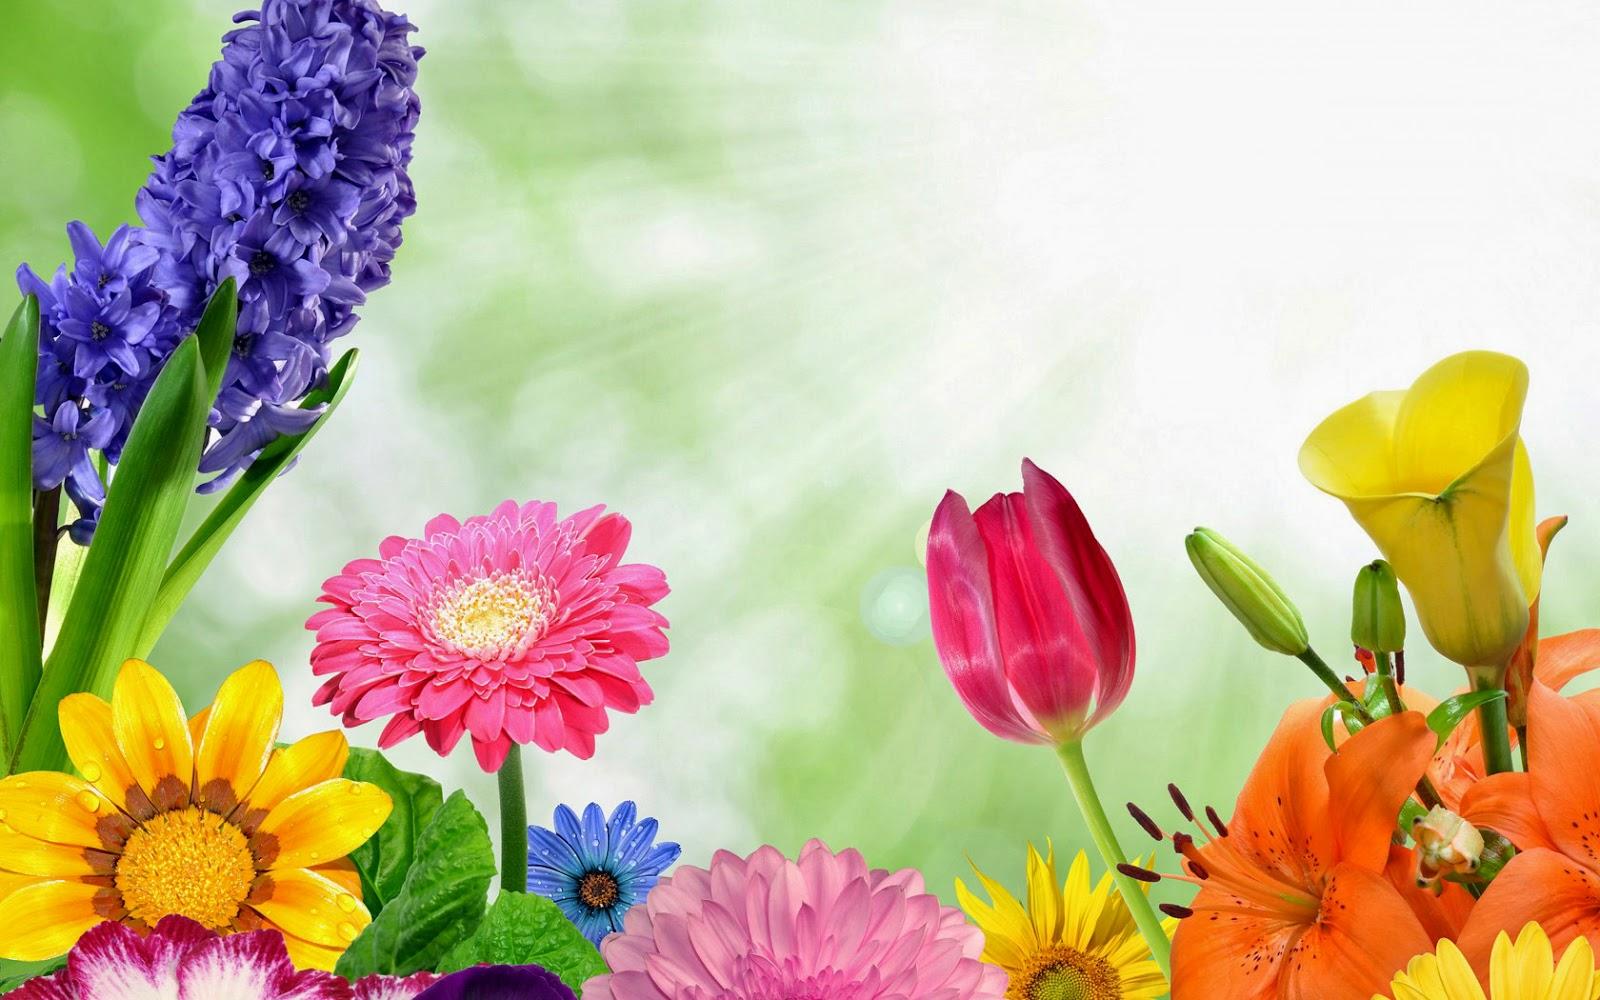 Kleurrijke lente achtergrond met bloemen